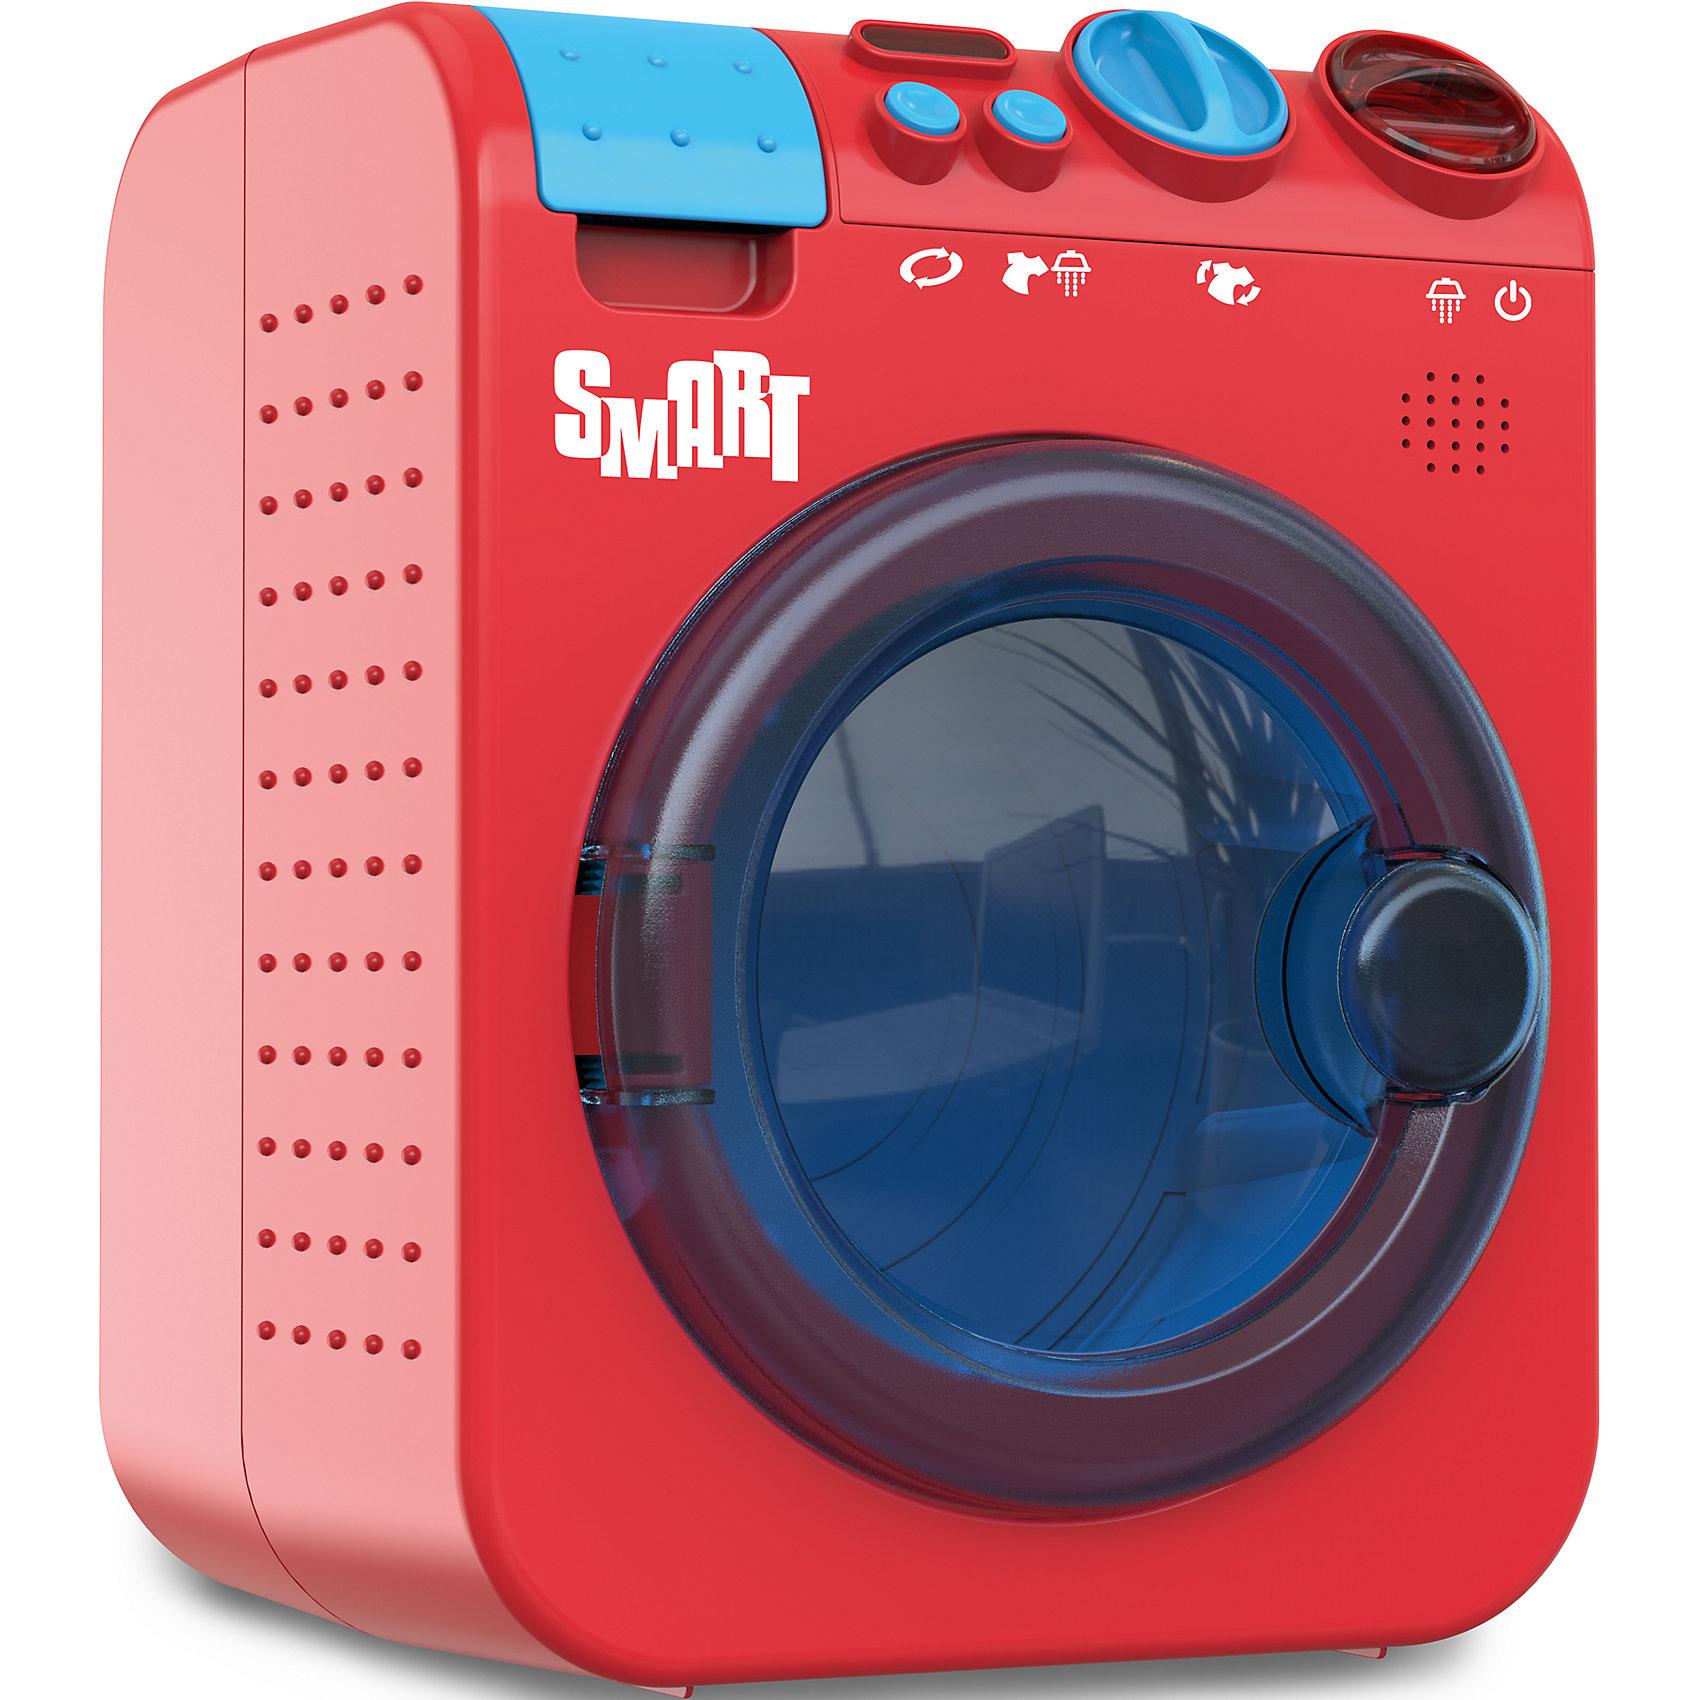 Стиральная машина Smart, HTIИгрушечная бытовая техника<br>Стиральная машина Smart, HTI.<br><br>Характеристики:<br><br>- Размер: 19,5 х 16 х 25 см.<br>- Цвет: красный, голубой<br>- Материал: пластмасса, металл<br>- Батарейки: 3 типа АА (в комплект не входят)<br>- Упаковка: картонная коробка<br>- Размер упаковки: 25,5 х 20,2 х 18,9 см.<br>- Вес: 1 кг.<br><br>Игрушечная стиральная машина со звуковыми и световыми эффектами выполнена в стиле настоящей бытовой техники «Smart», имеет яркий цвет и современный стильный дизайн, поэтому обязательно понравится вашей маленькой хозяйке. Машина оснащена открывающейся дверцей, крутящимся барабаном и ящичком для порошка. На передней панели игрушки находятся 2 реле и кнопки выбора режима стирки, нажав на которые можно включить машину и активировать подсветку барабана и реалистичные звуковые эффекты сопровождающие процесс стирки и отжима. Игрушка позволит вашему ребенку познакомиться с функциями бытовой техники, правилами безопасности обращения с приборами.<br><br>Стиральную машину Smart, HTI купить в нашем интернет-магазине.<br><br>Ширина мм: 251<br>Глубина мм: 197<br>Высота мм: 173<br>Вес г: 986<br>Возраст от месяцев: 48<br>Возраст до месяцев: 2147483647<br>Пол: Женский<br>Возраст: Детский<br>SKU: 5161346